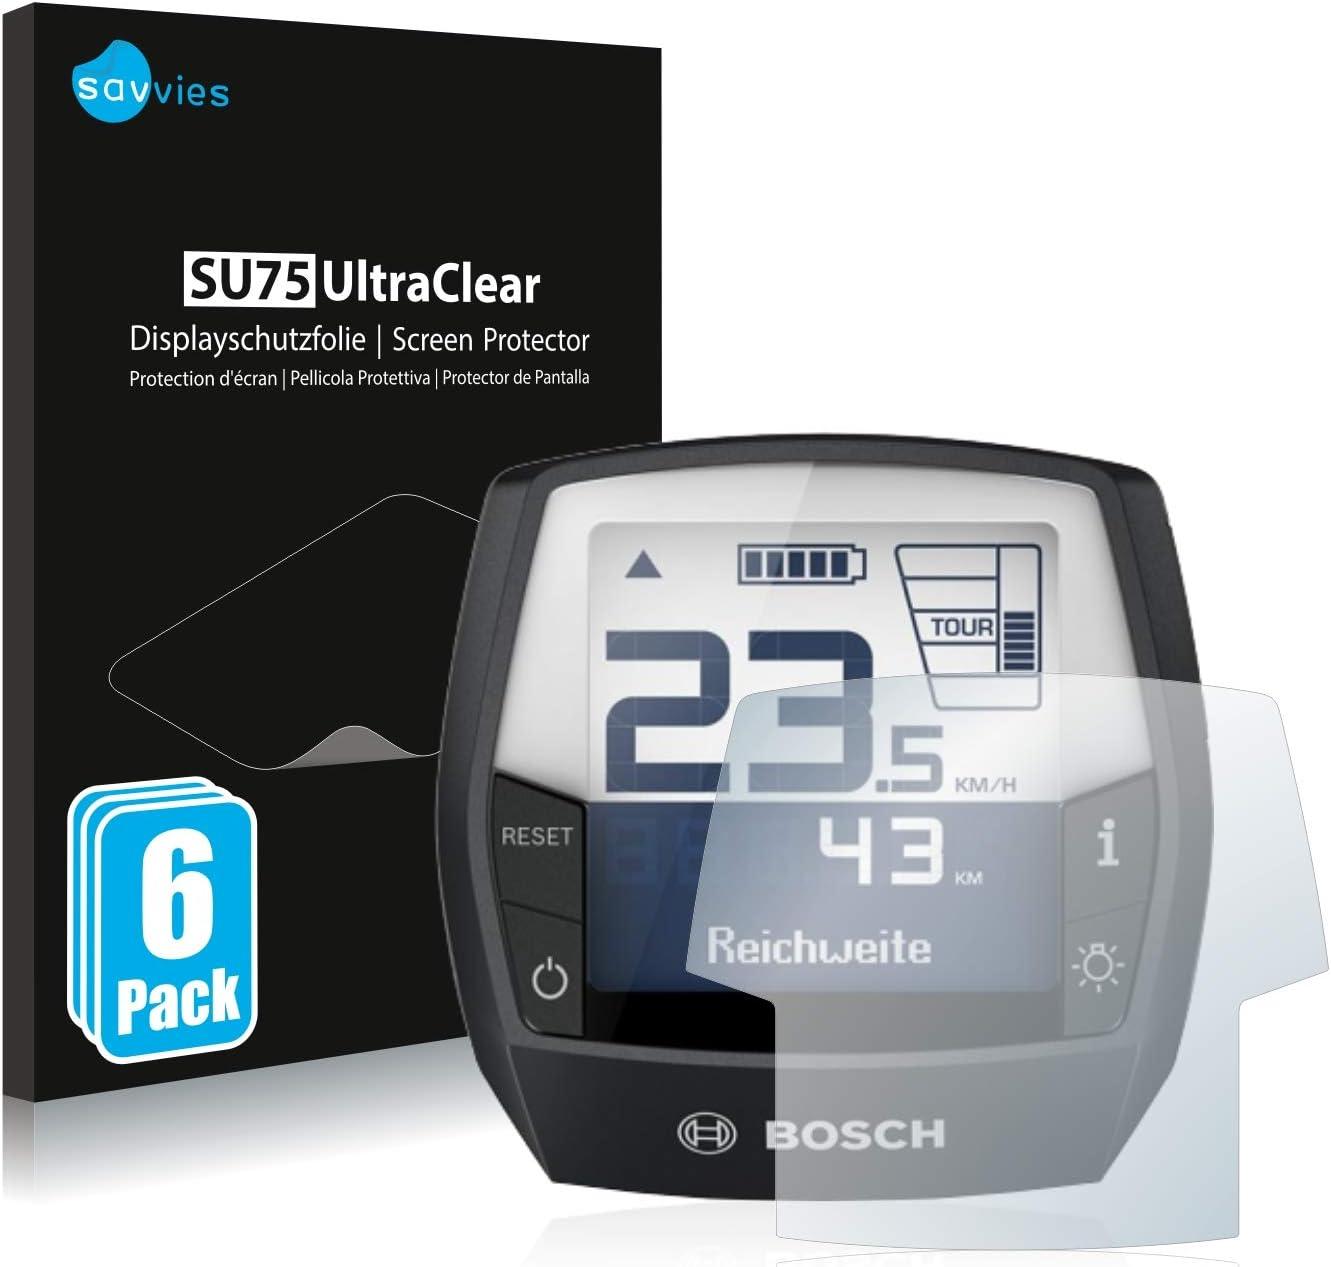 Savvies 6x Schutzfolie Kompatibel Mit Bosch Intuvia Elektronik